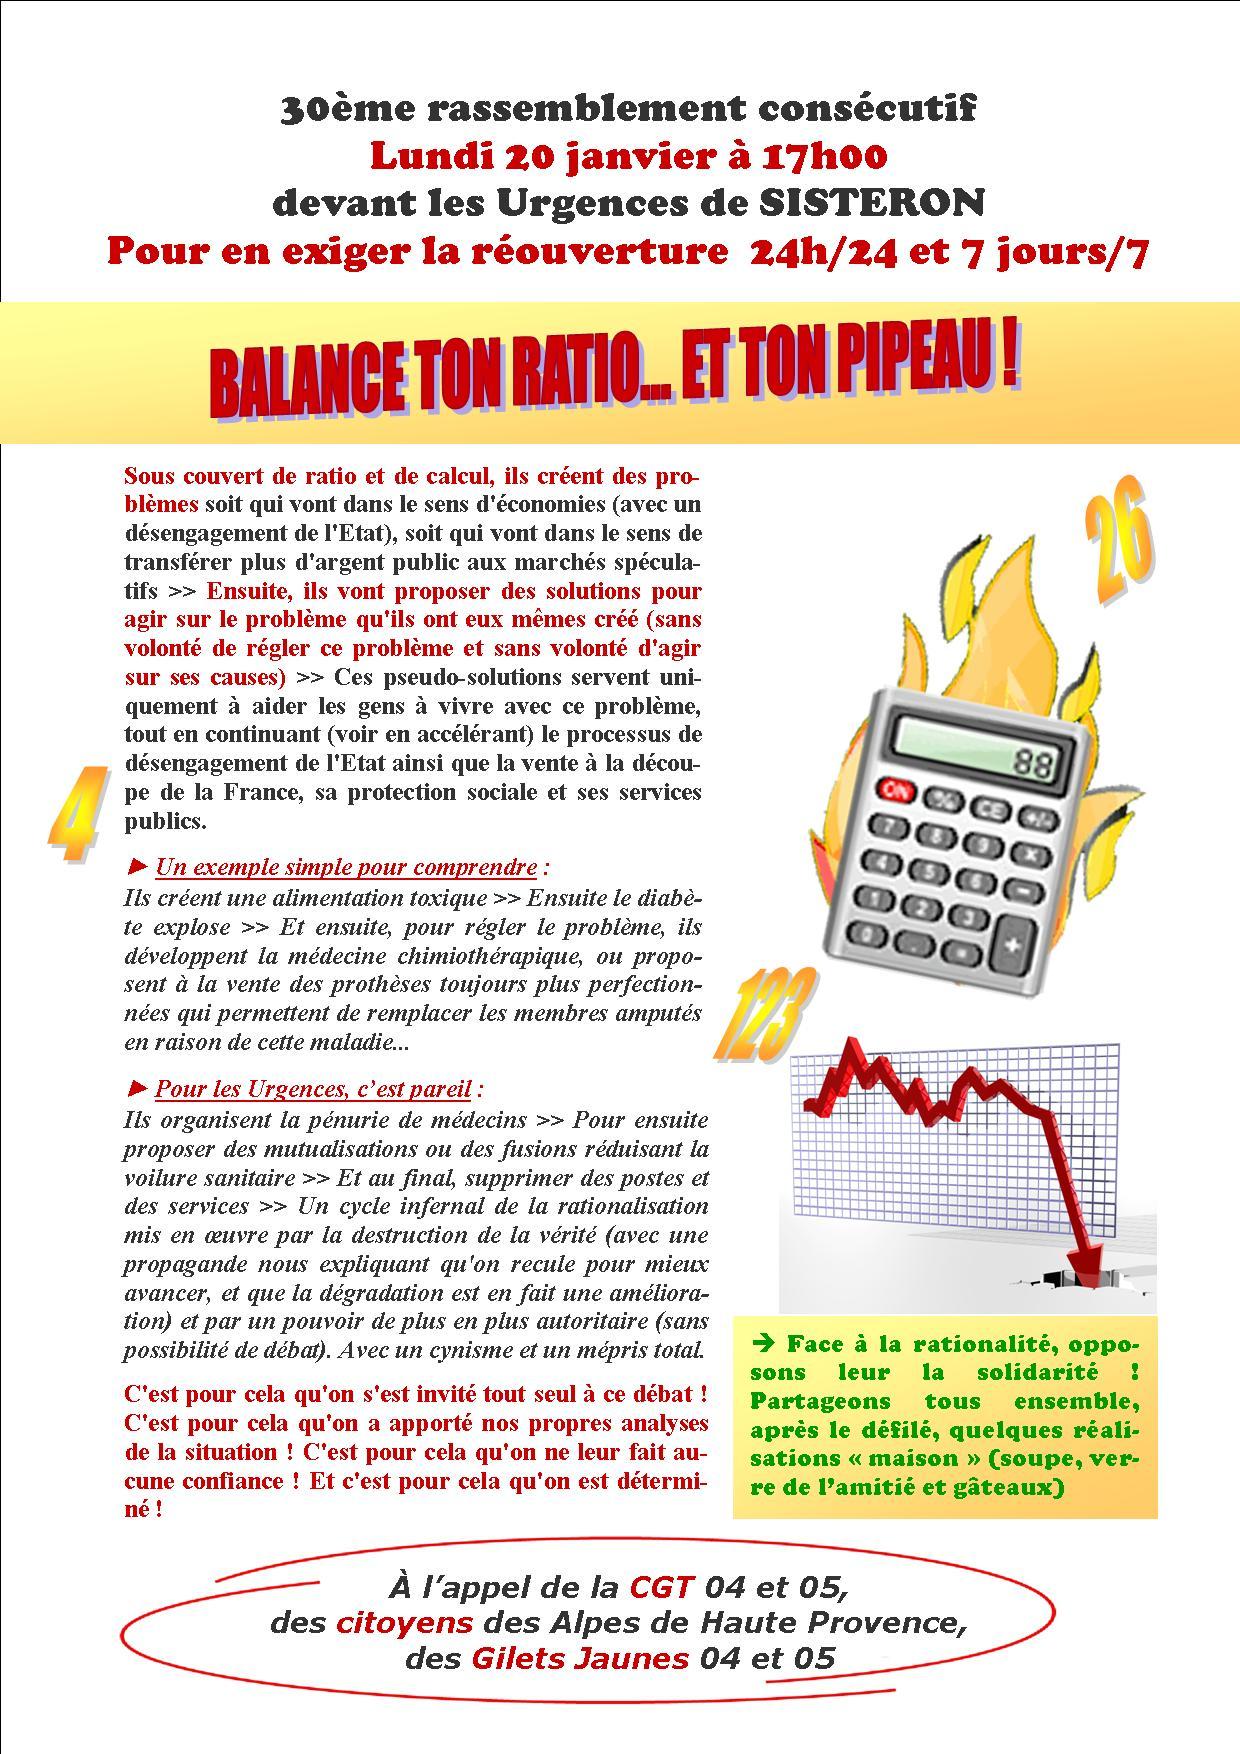 Tract du 20 janvier 2020 30ème mobilisation urgences de Sisteron